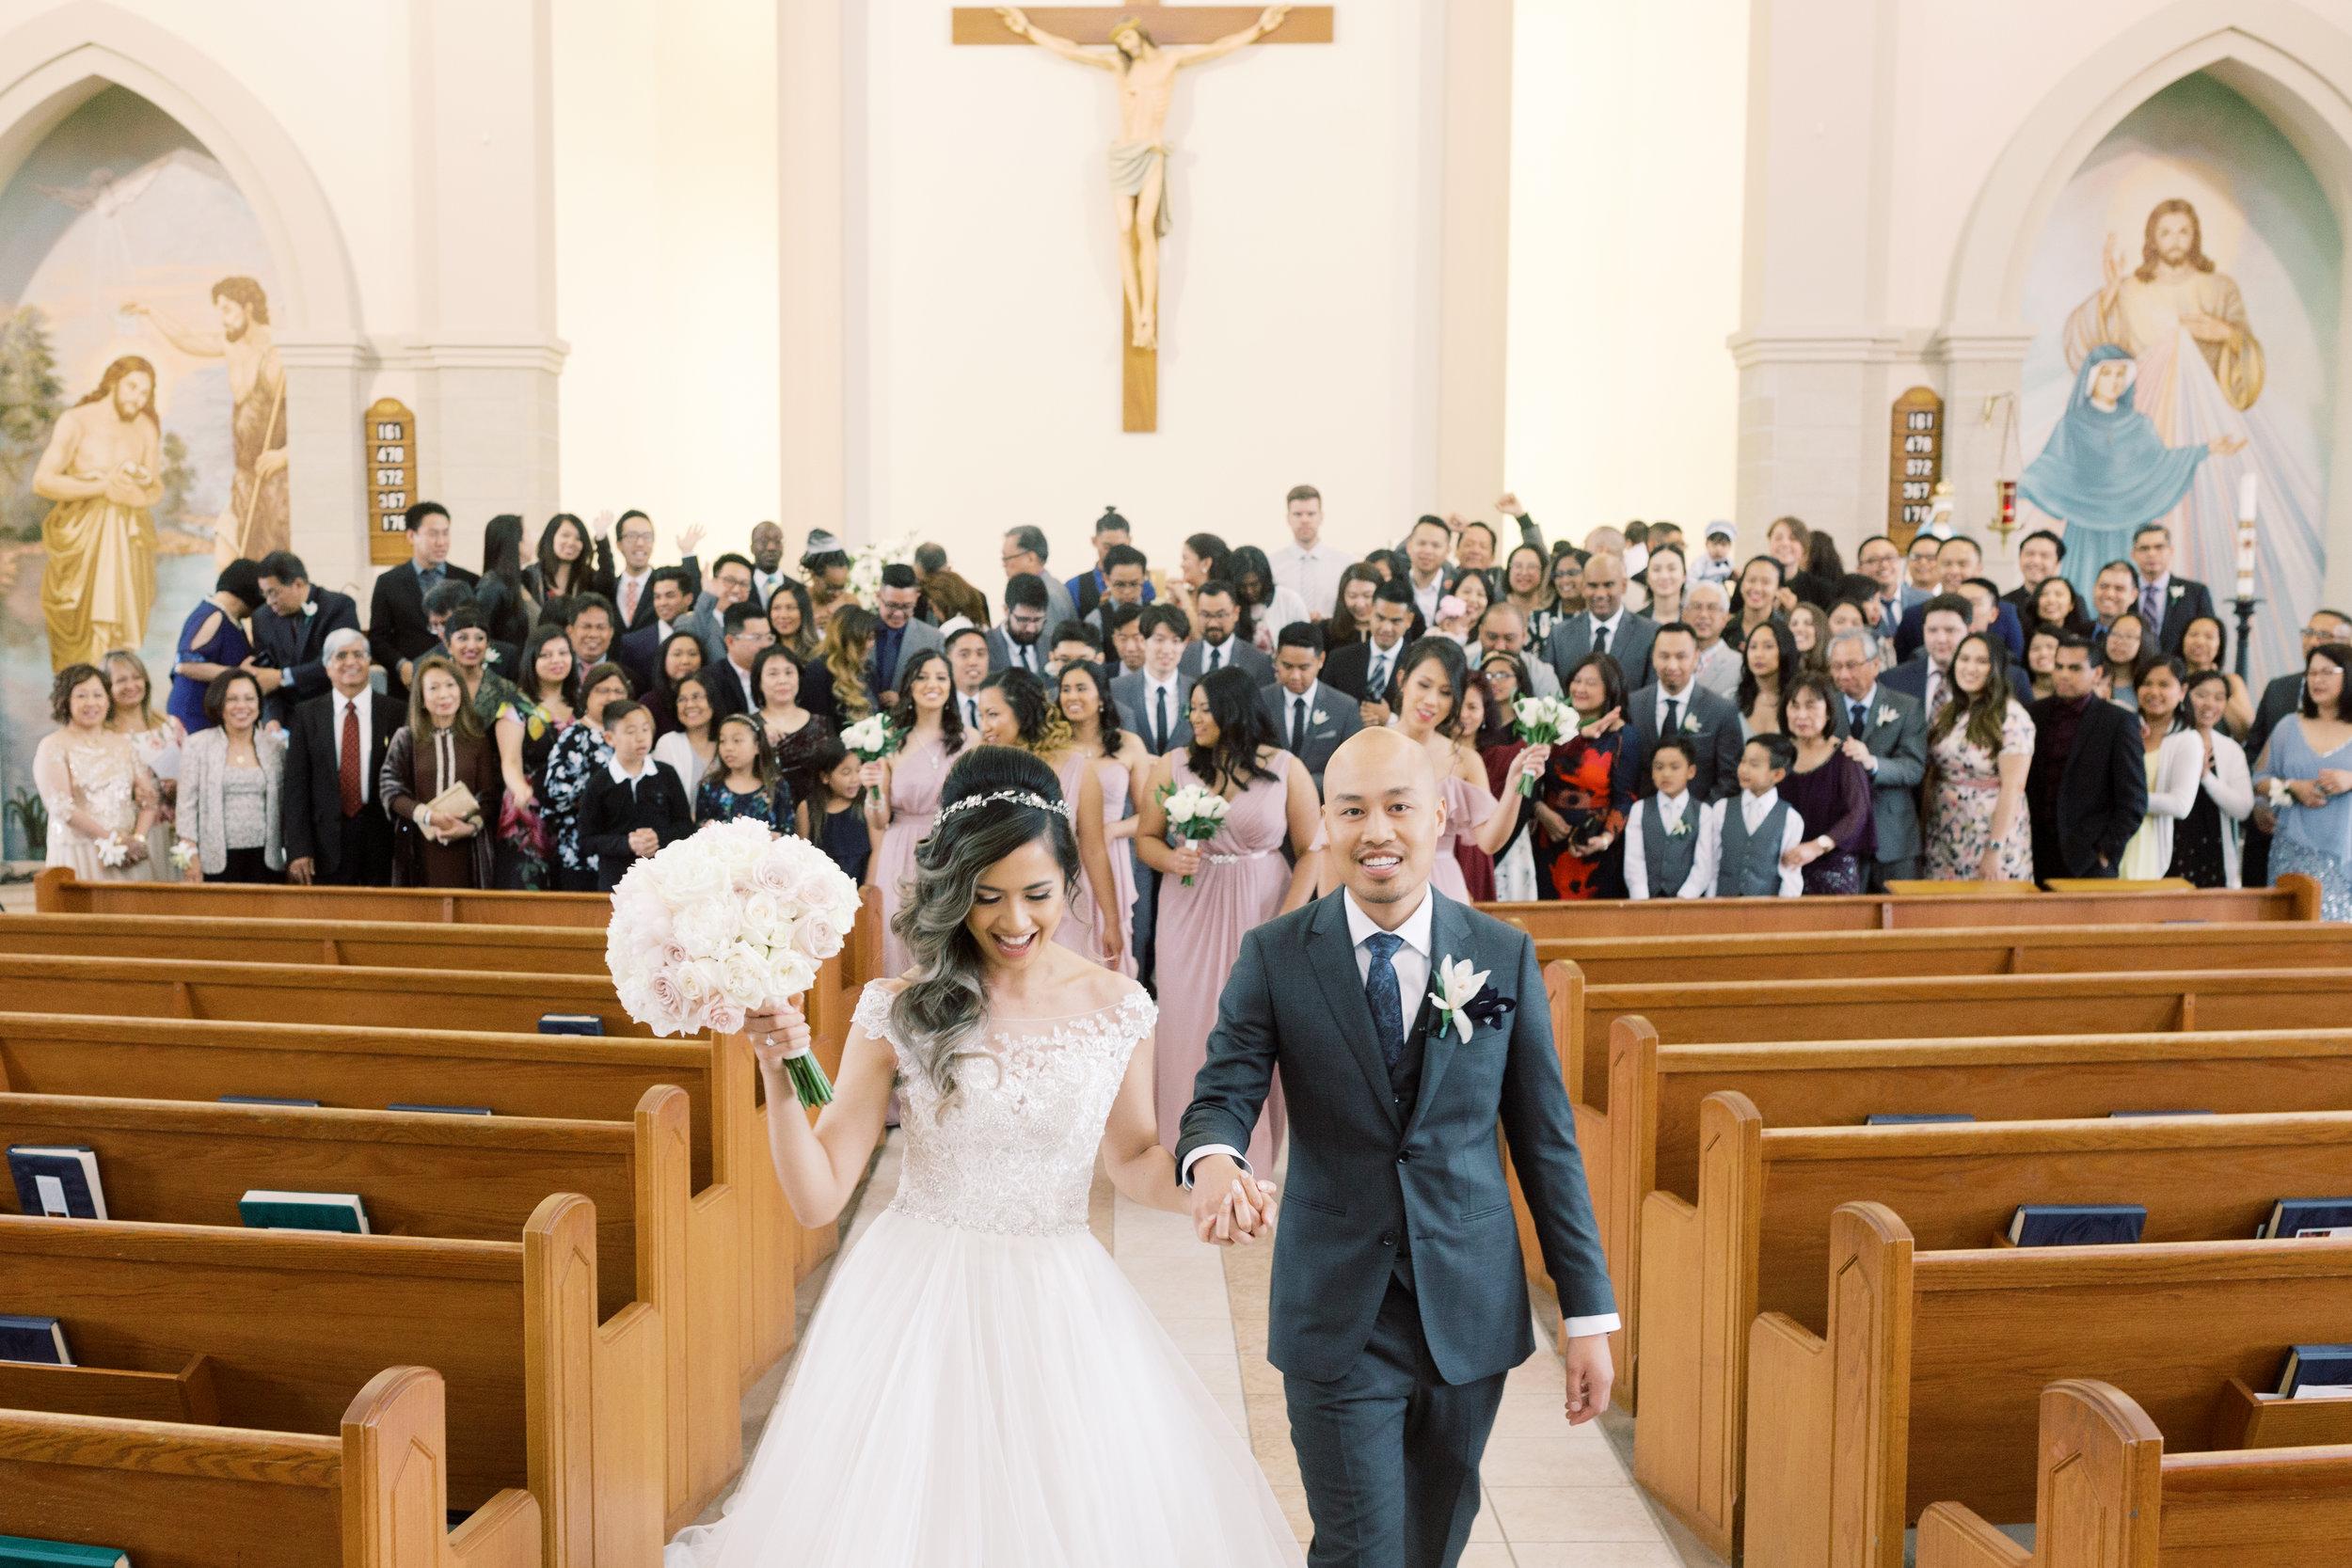 Millenium Gardens Centennial Conservatory Park Wedding-3148.jpg